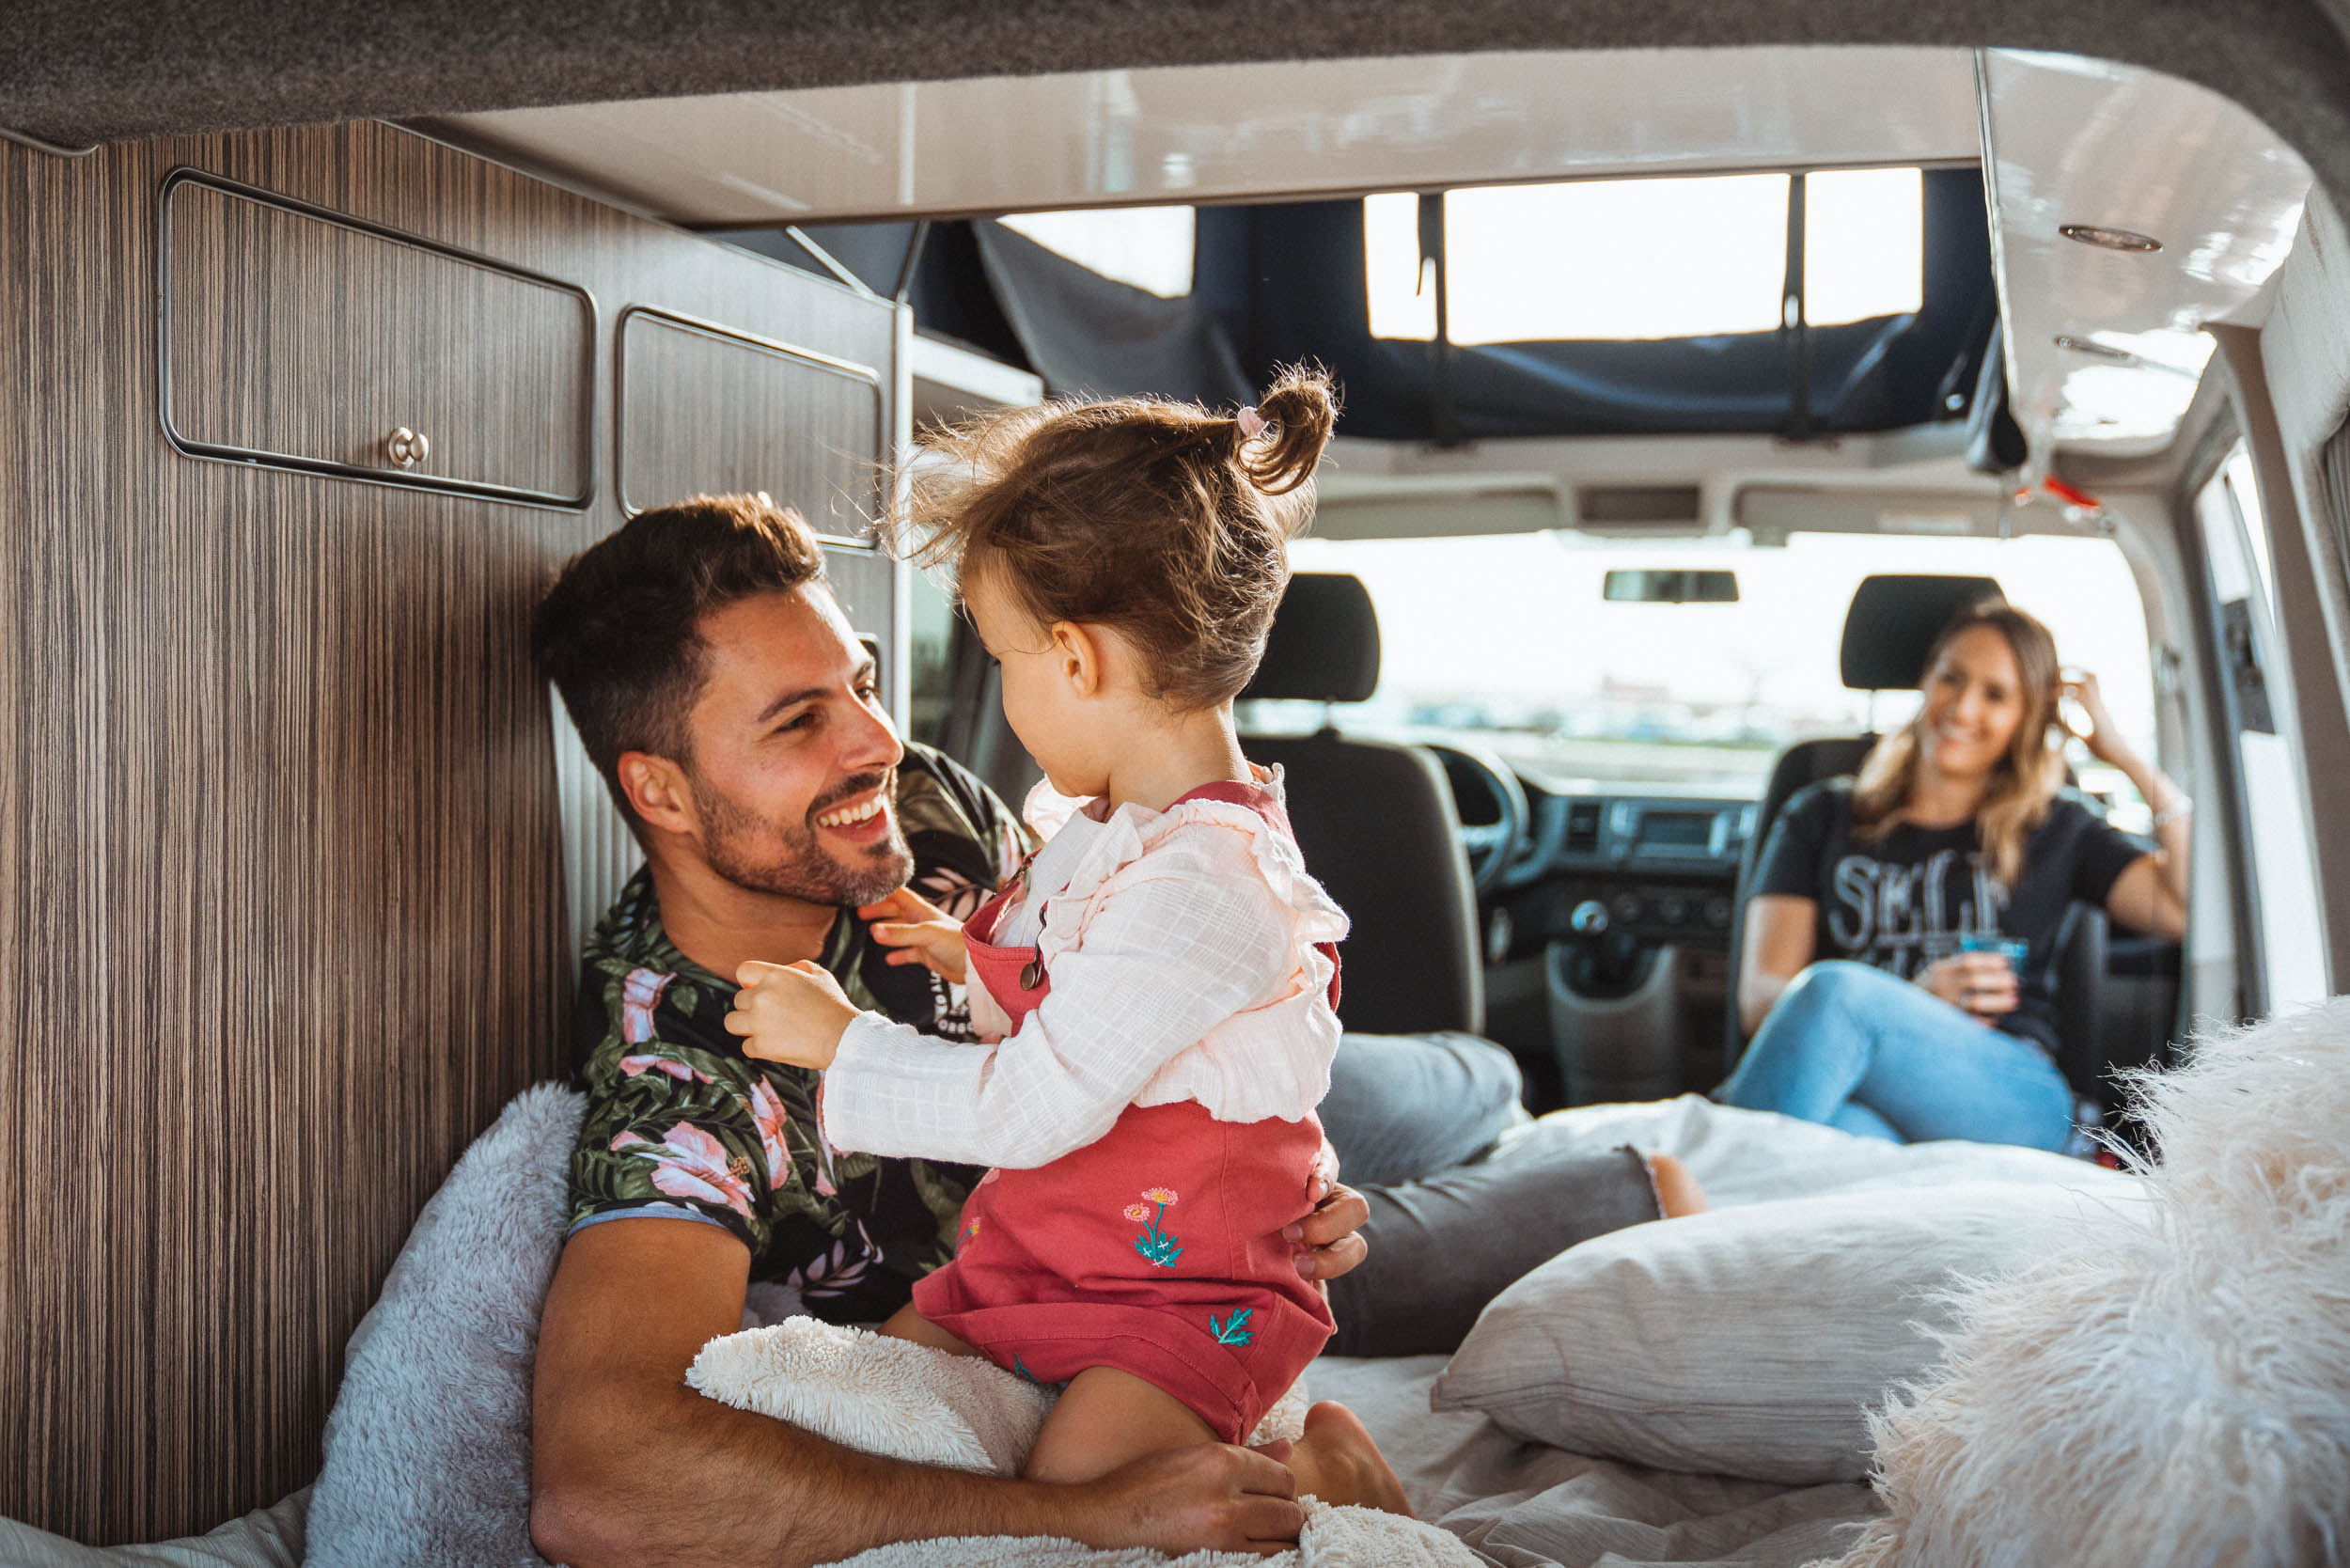 Eltem mit einem kleinen Kind, das im Inneren des Siesta Campers VW T6 Campers spielt.